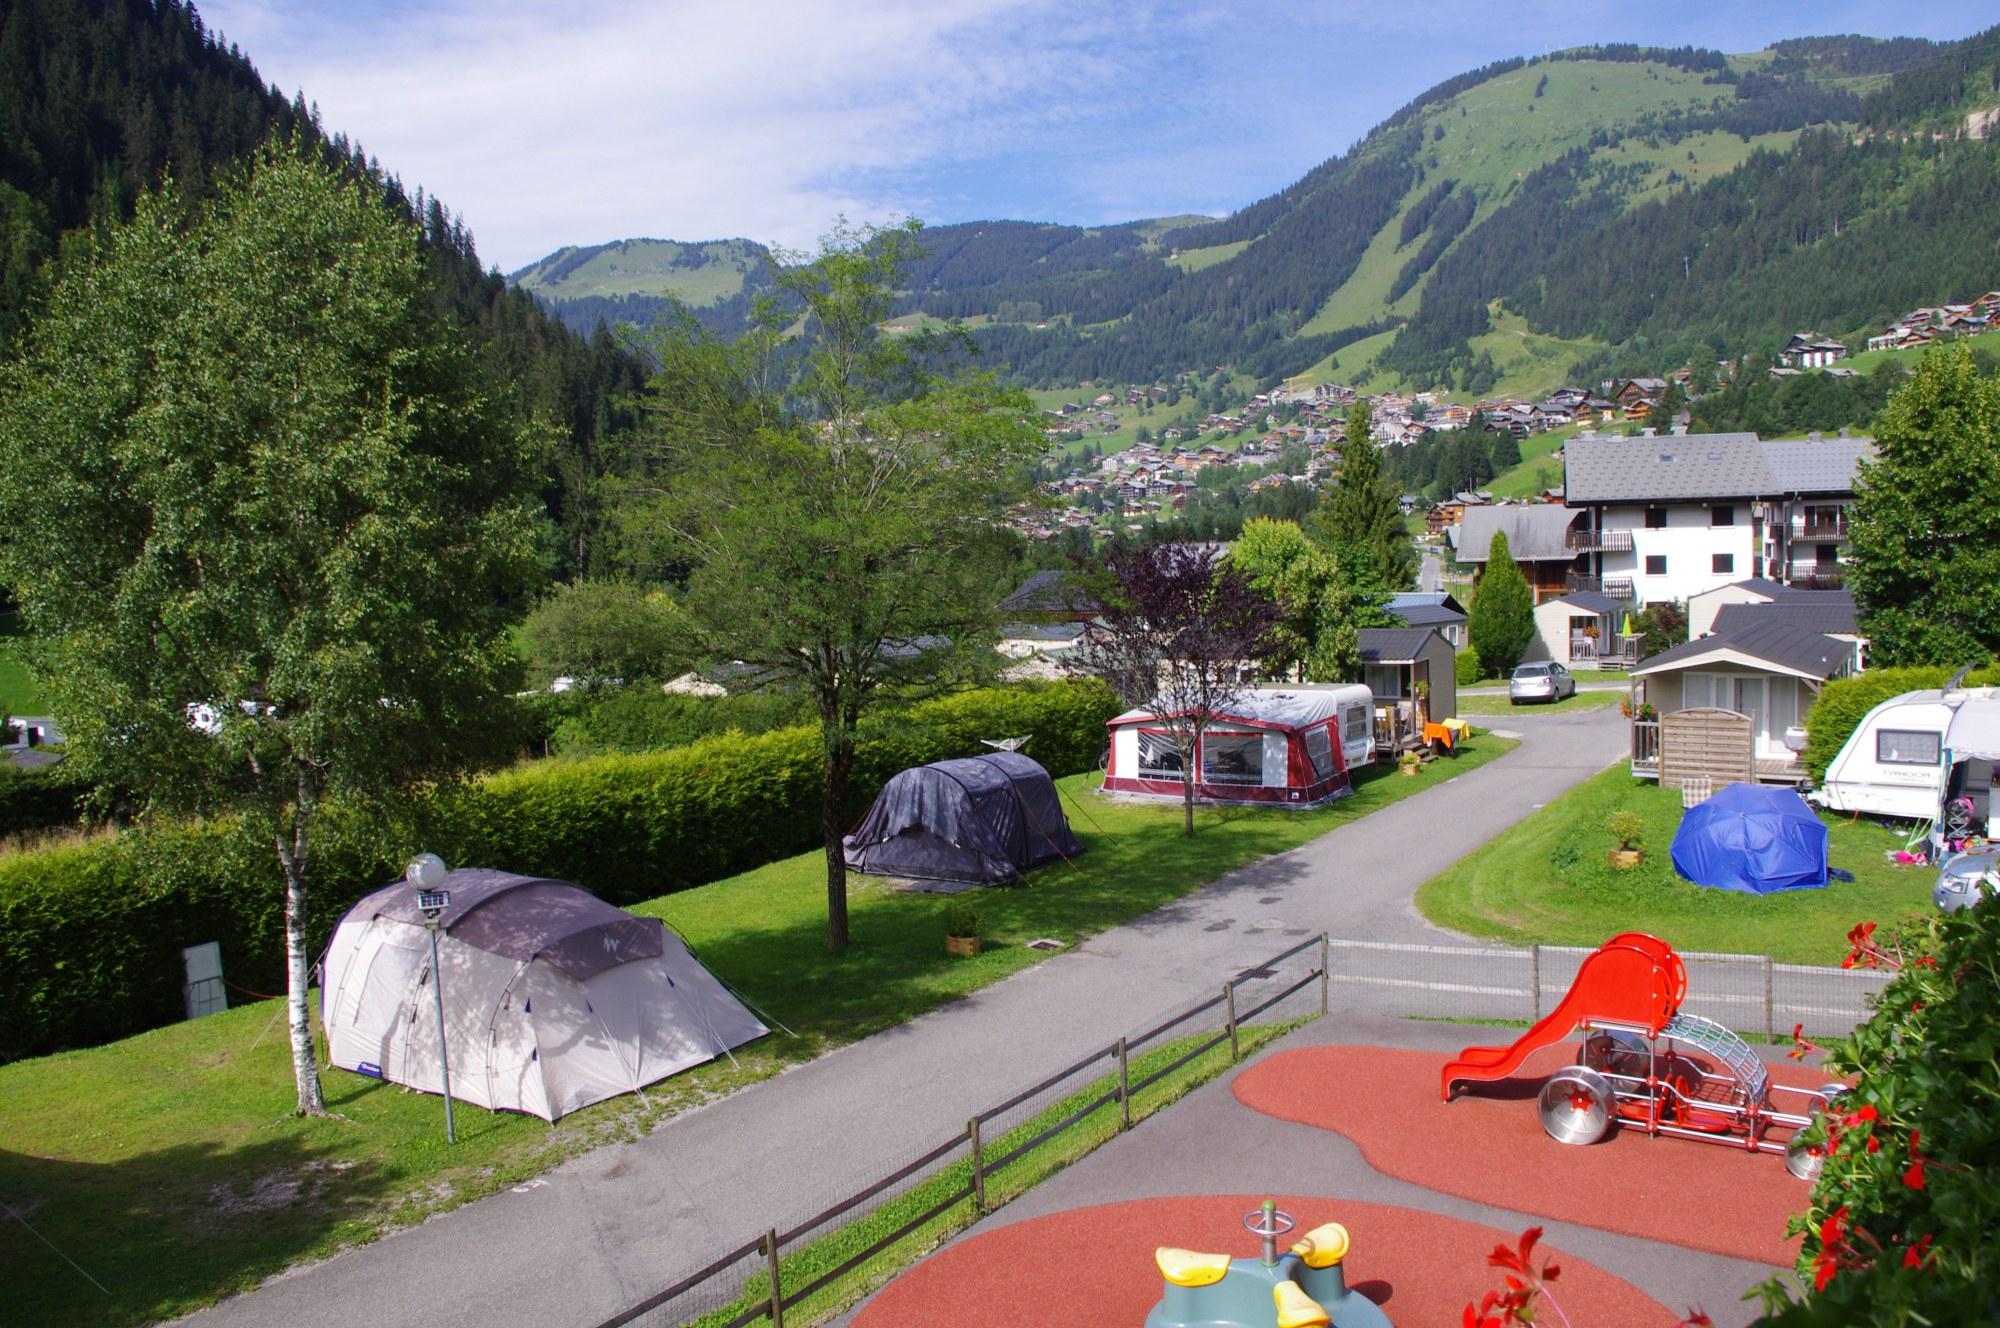 Camping l'Oustalet en Haute-Savoie - Trophée des consommateurs 2017 Camping Qualité